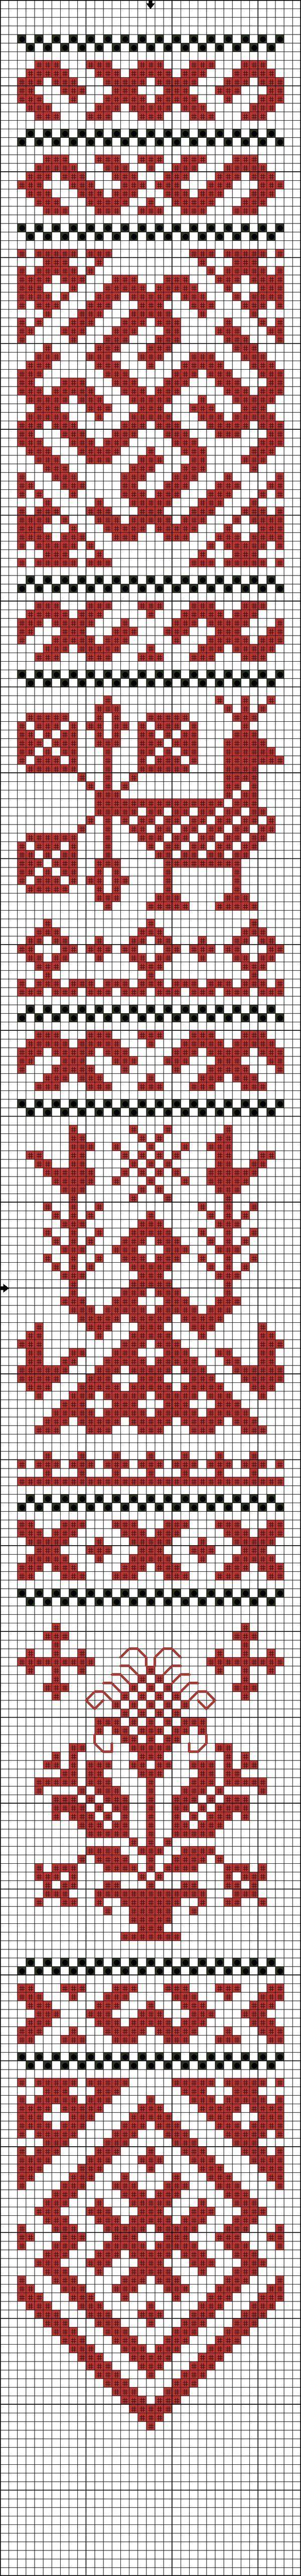 Славянские узоры.jpg (600×5143)